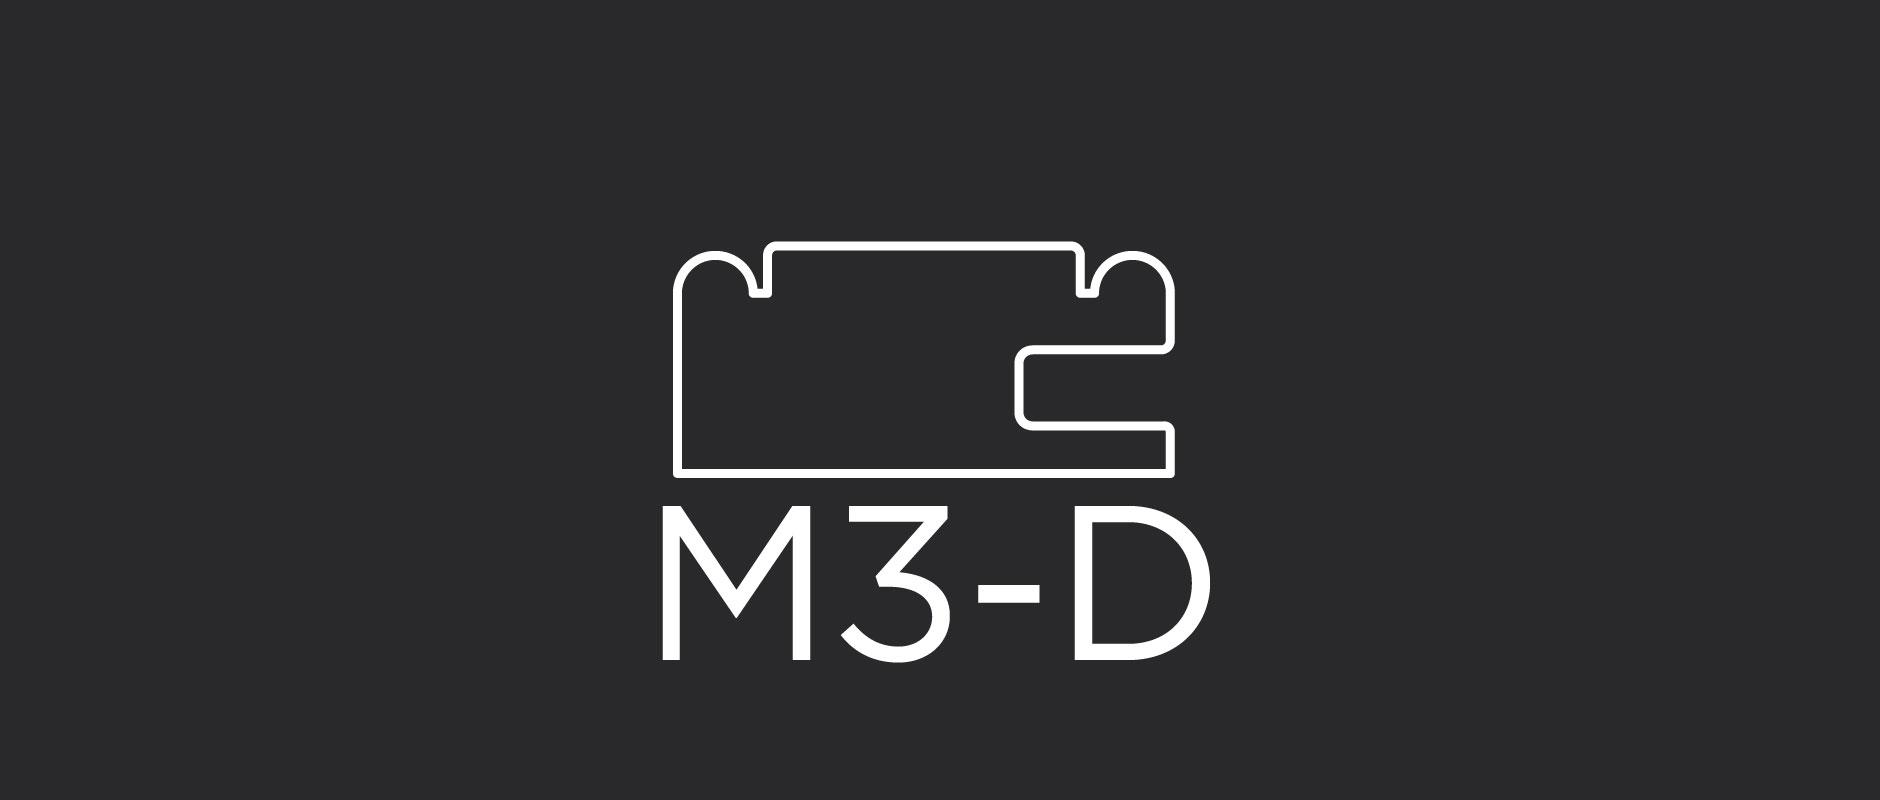 """M3-D mitered drawer front frame 1-5/8"""" wide"""